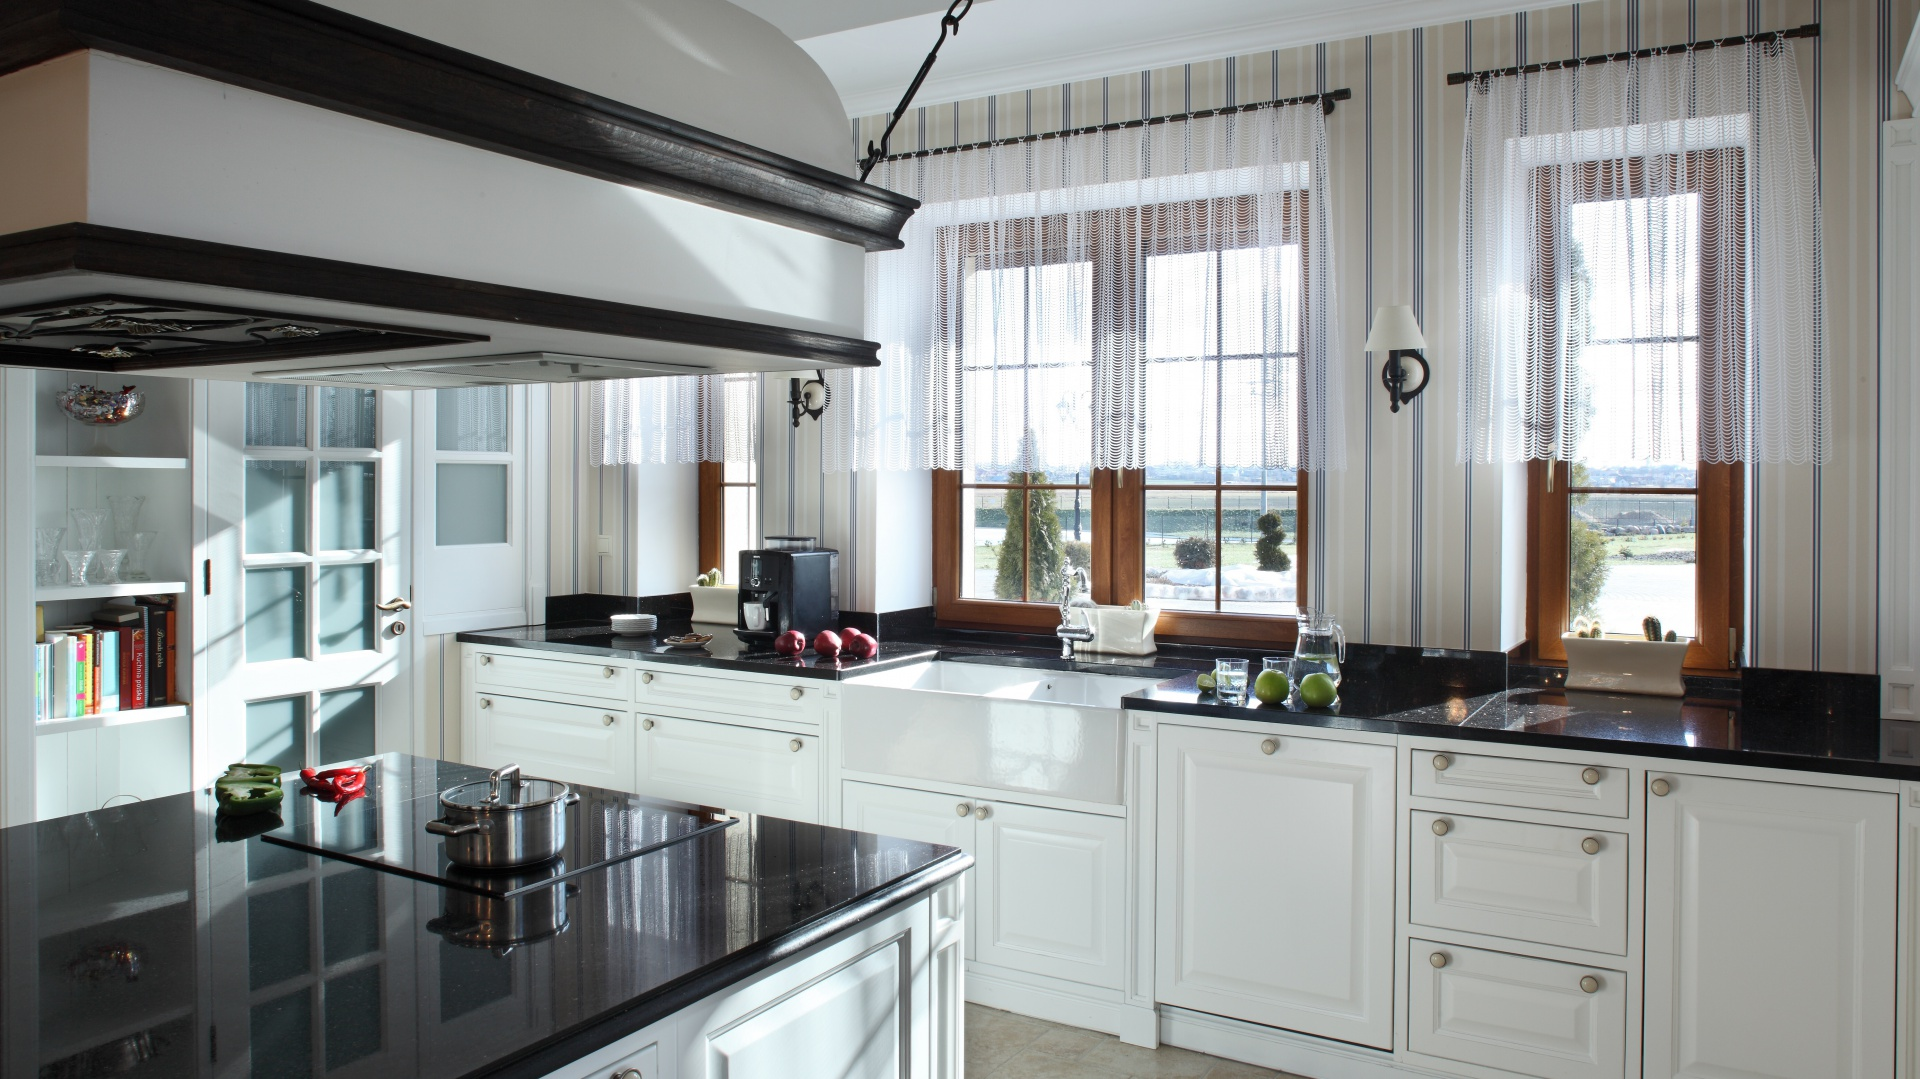 Drewniana zabudowa kuchenna Kuchnia ciepła i przytulna Zobaczcie wnętrz